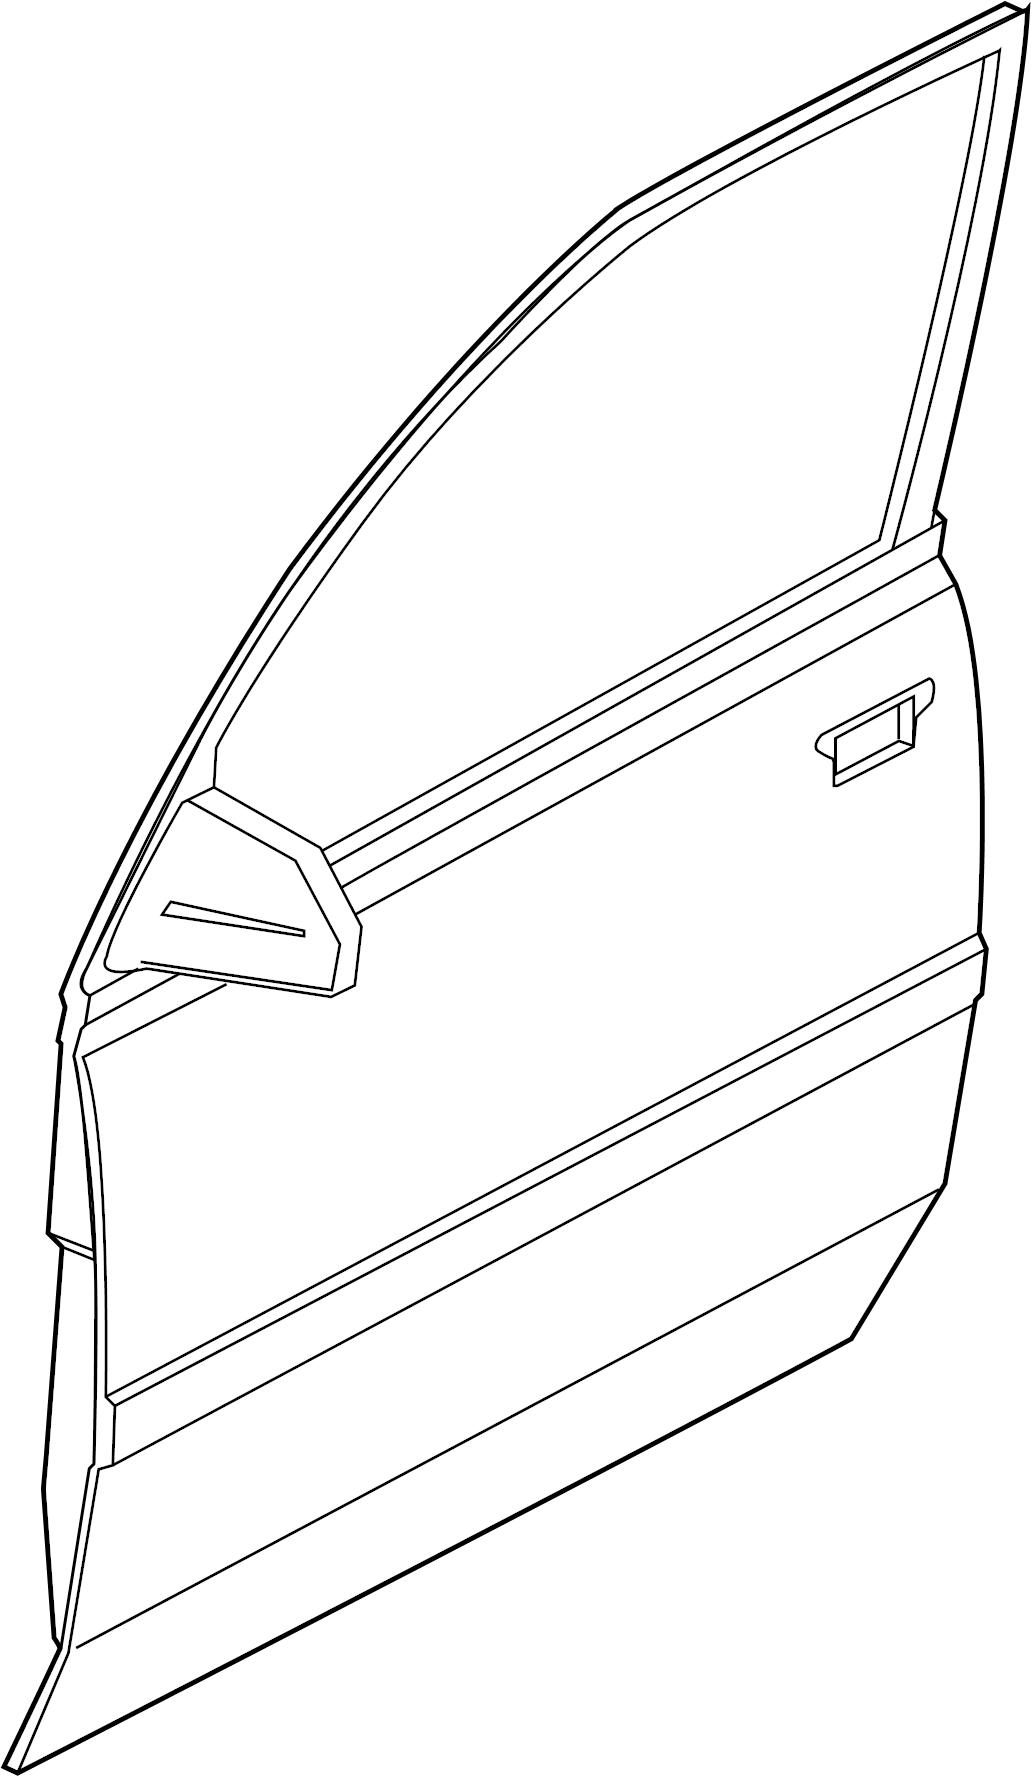 1999 Chevrolet Tracker Mldg-f/dc. Molding. Side molding. 4